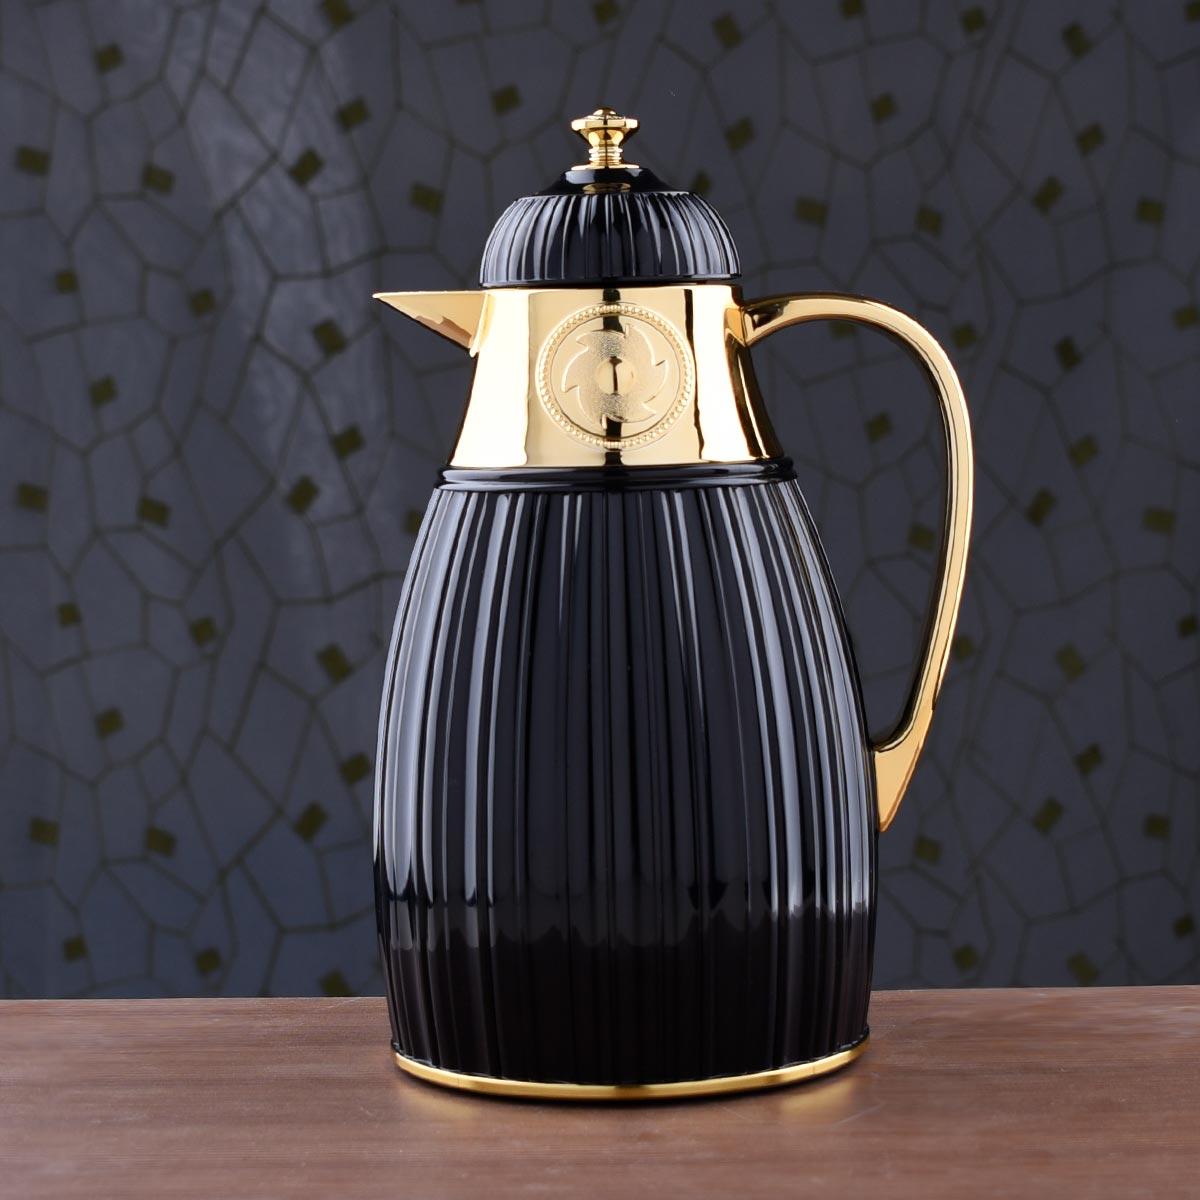 ترمس شاي وقهوة ديفا - DEVA - مقاس 1.0لتر - رقم K191564/1BK